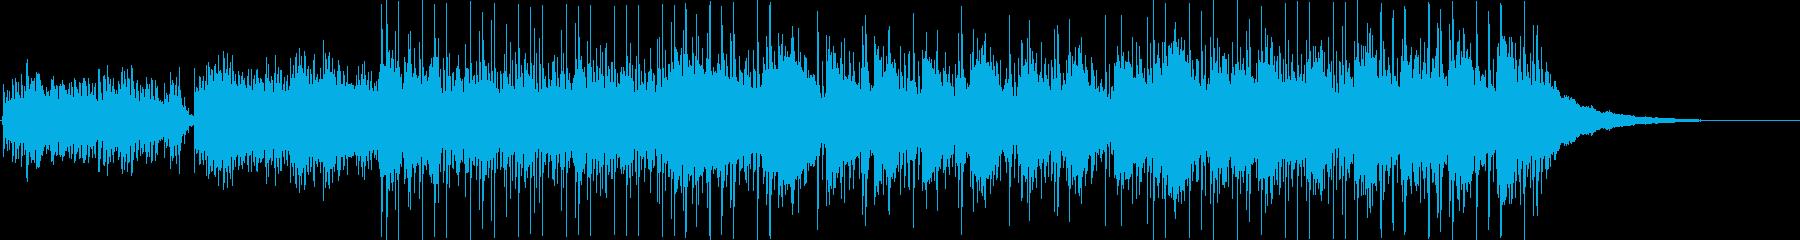 幻想的かつネイチャーなアンビエントシンセの再生済みの波形